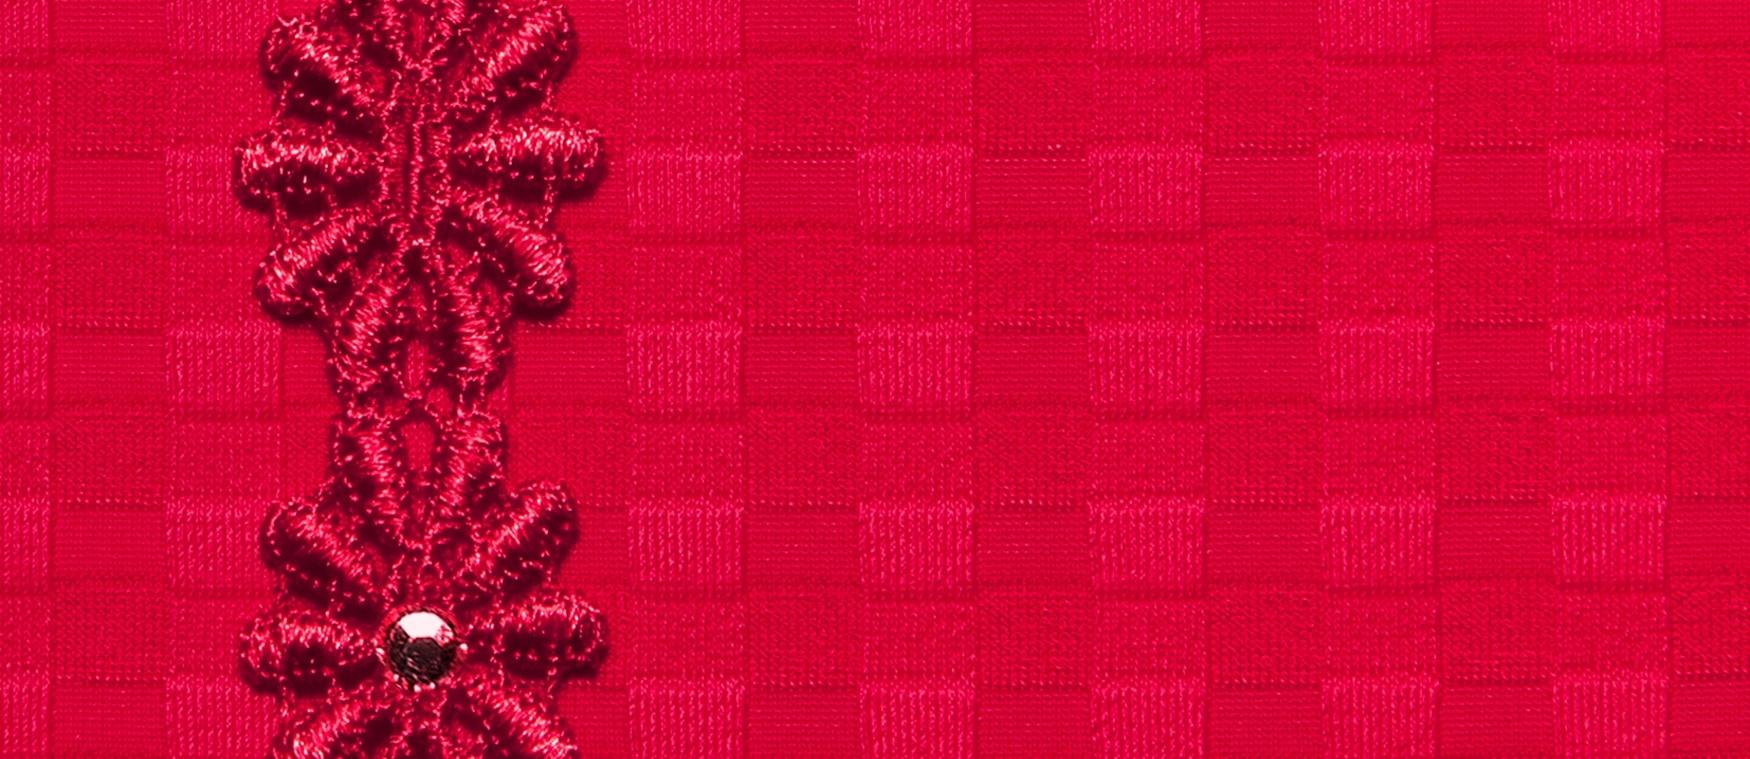 Marie Jo Marie Jo Avero hotpants 36-44 scarlet